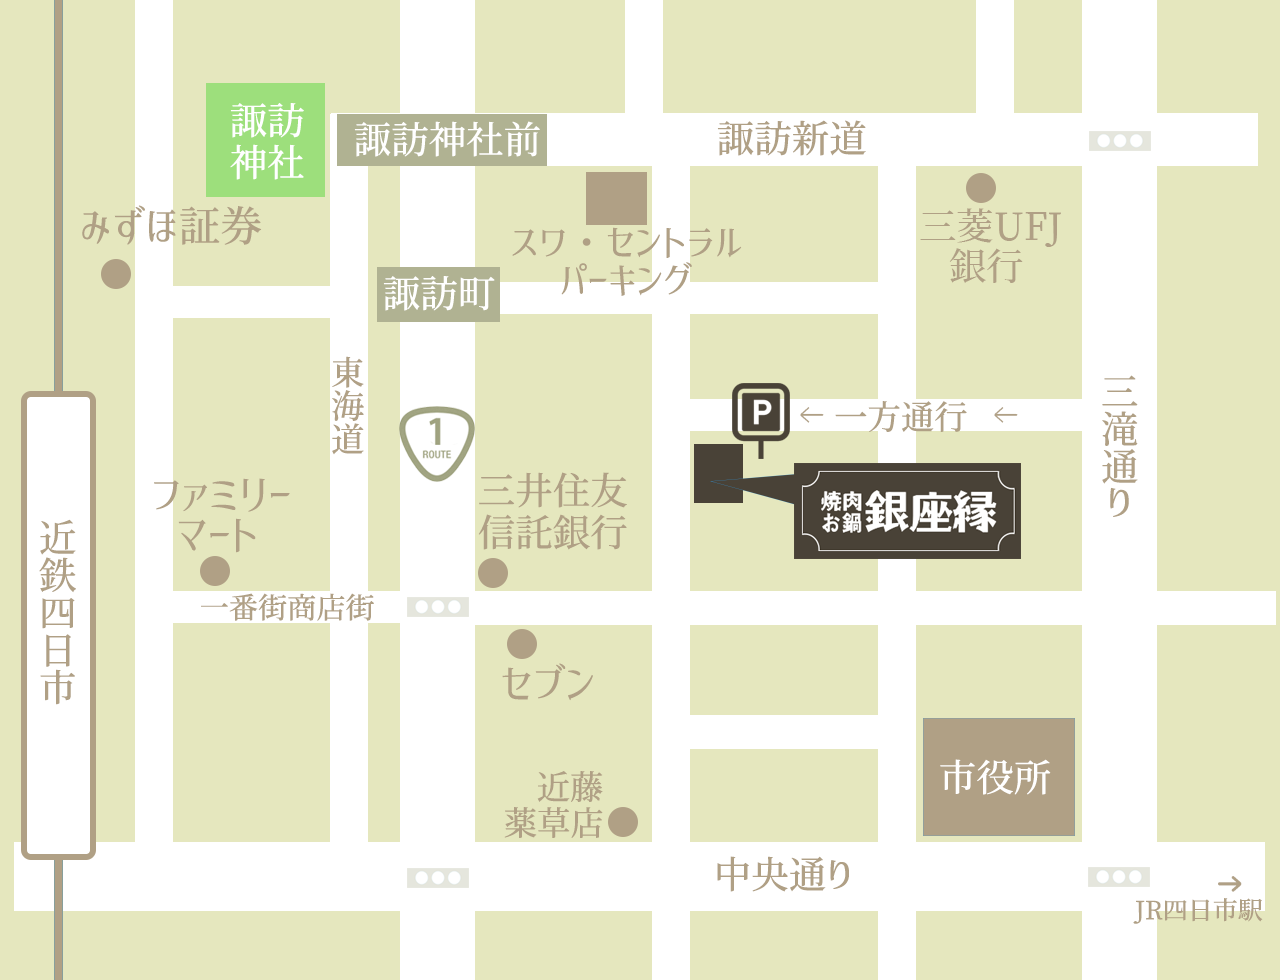 銀座縁 地図 アクセスマップ